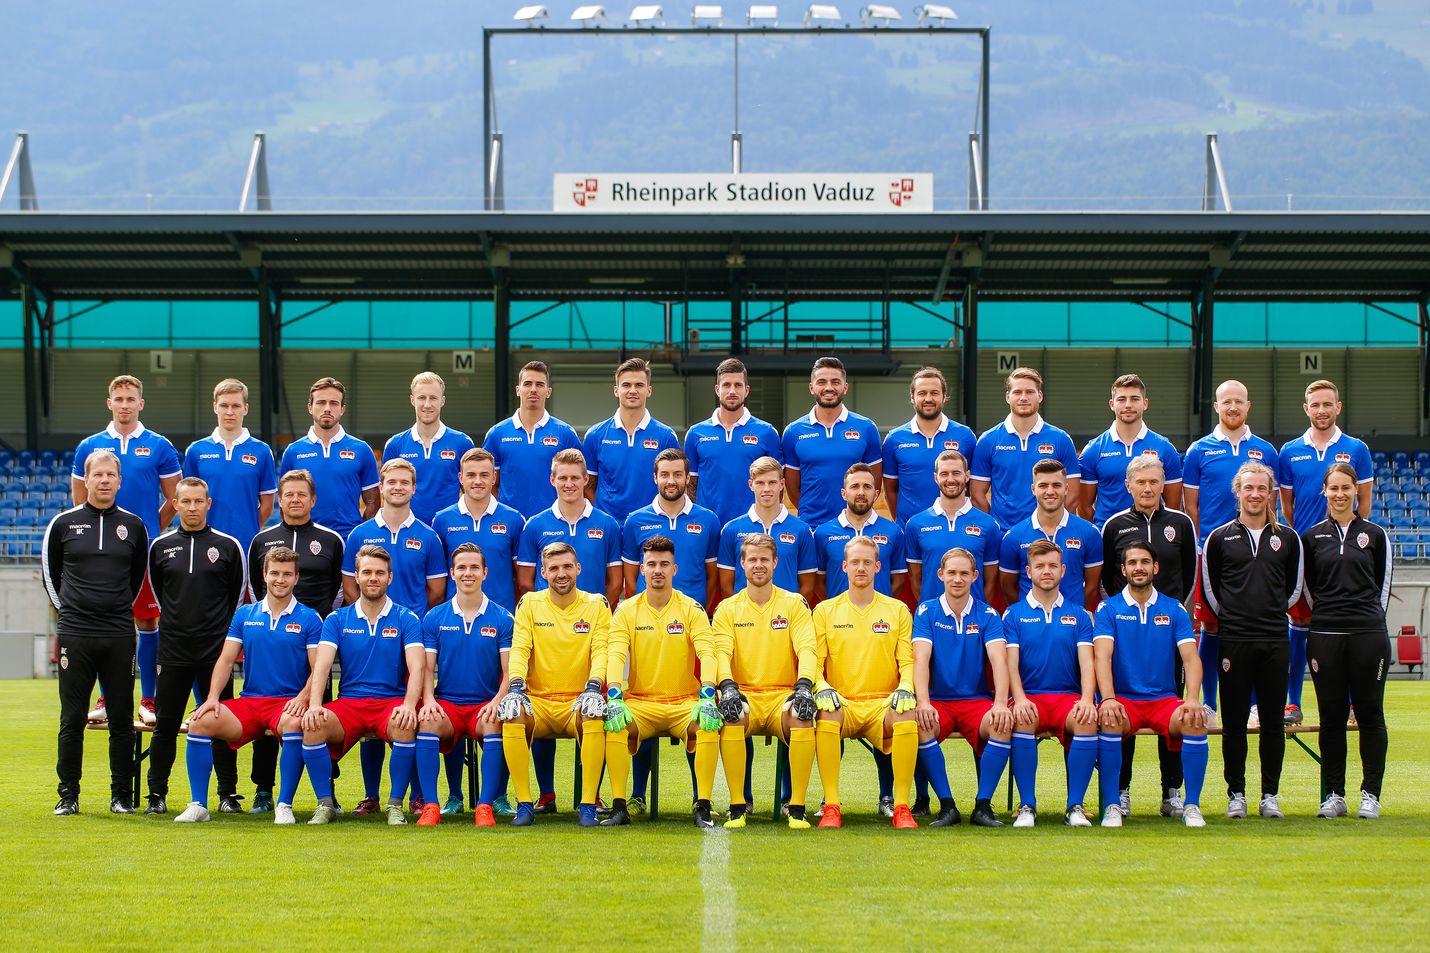 Liechtensteinin miesten jalkapallomaajoukkuetta kutsutaan punasinisiksi. Joukkueen kotikenttä on Rheinpark Stadion maan pääkaupungissa Vaduzissa.